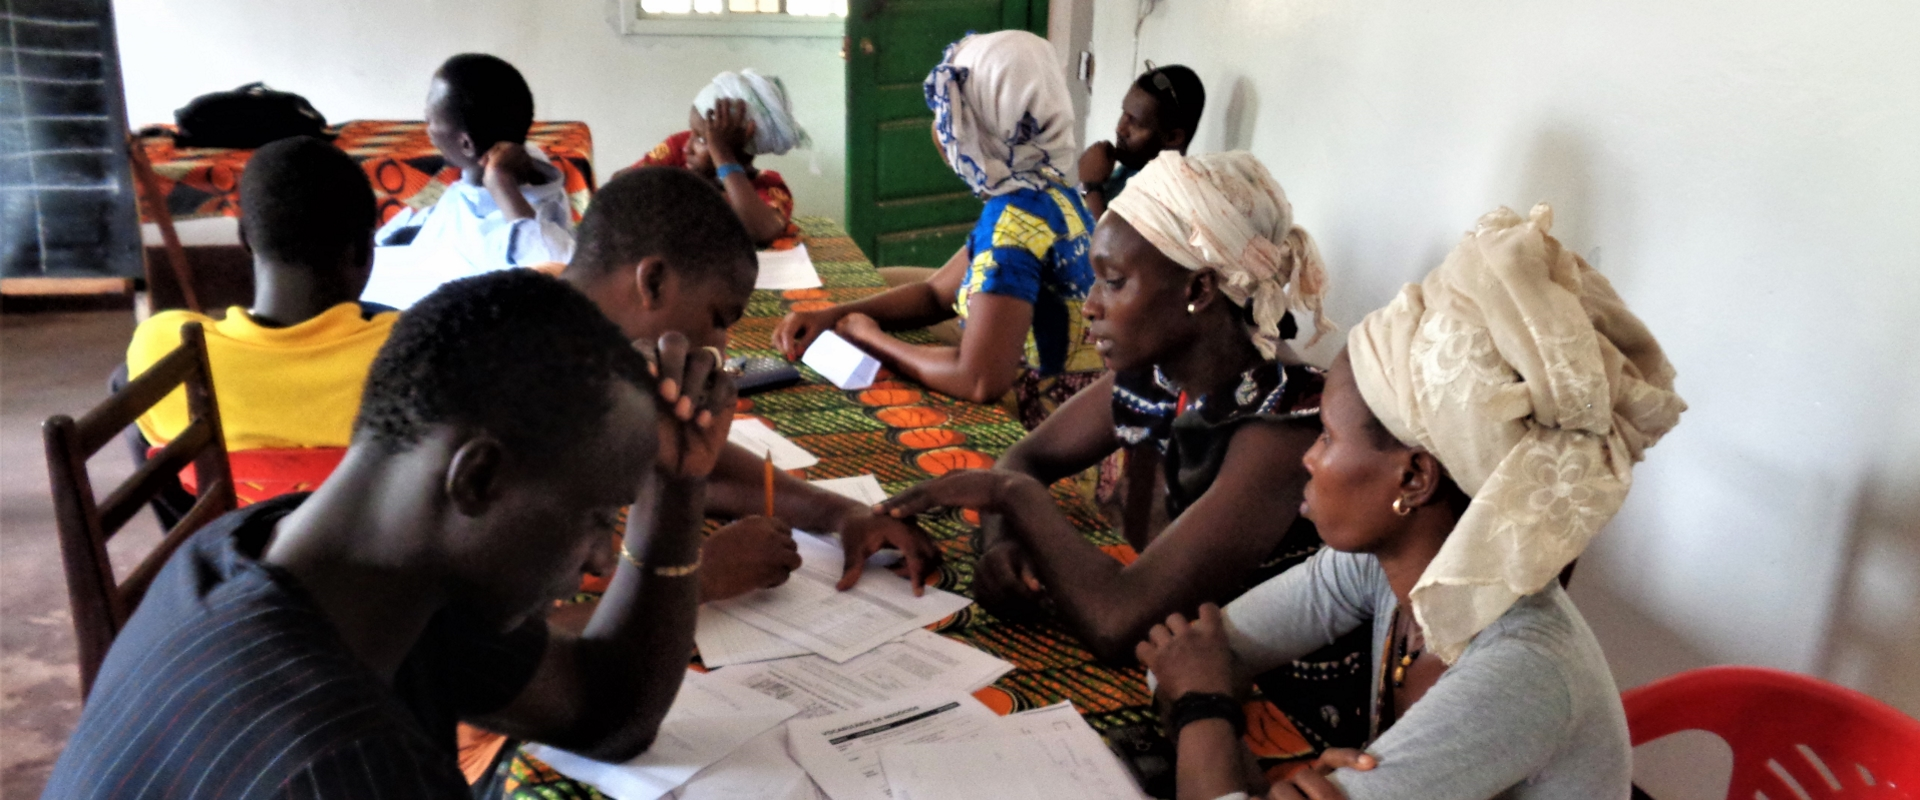 Contabilità_Gabu_Guinea Bissau_Mani Tese 2017